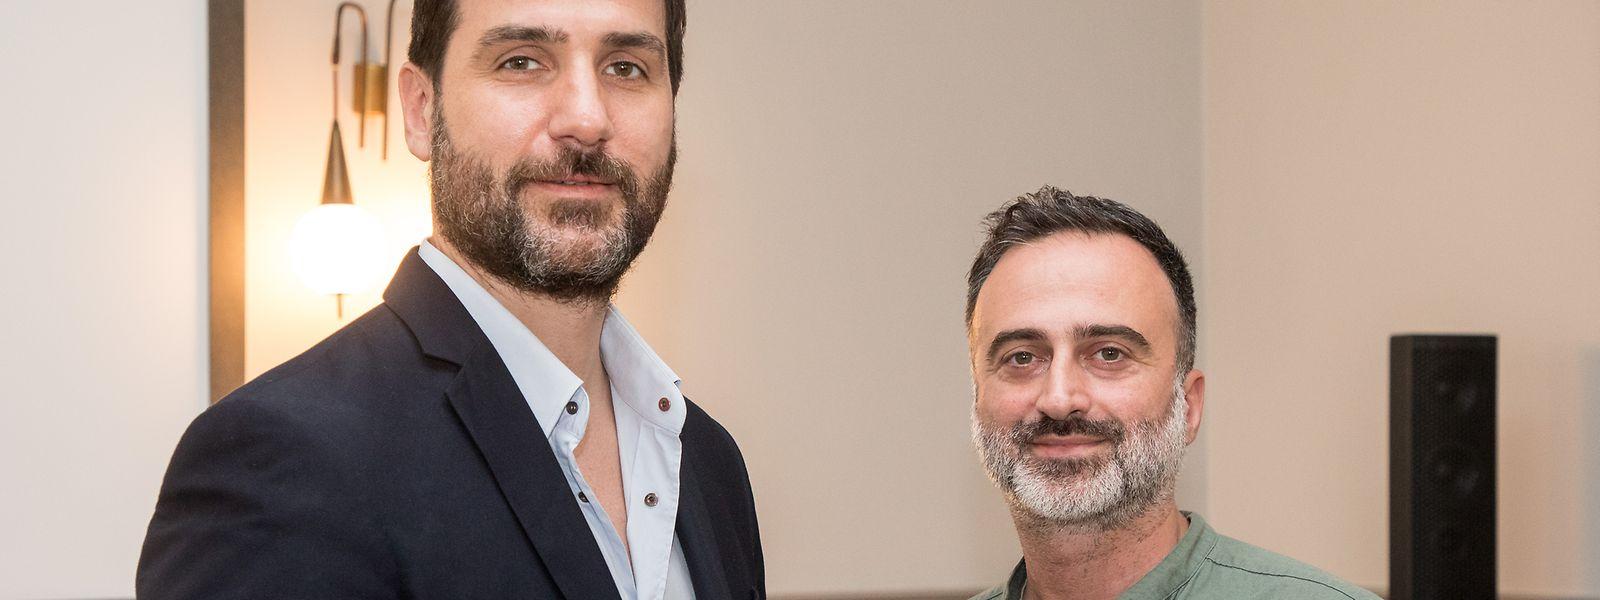 Laurent Hericord et Brice Erniquin respectivement administrateur et directeur commercial d'Avrox.